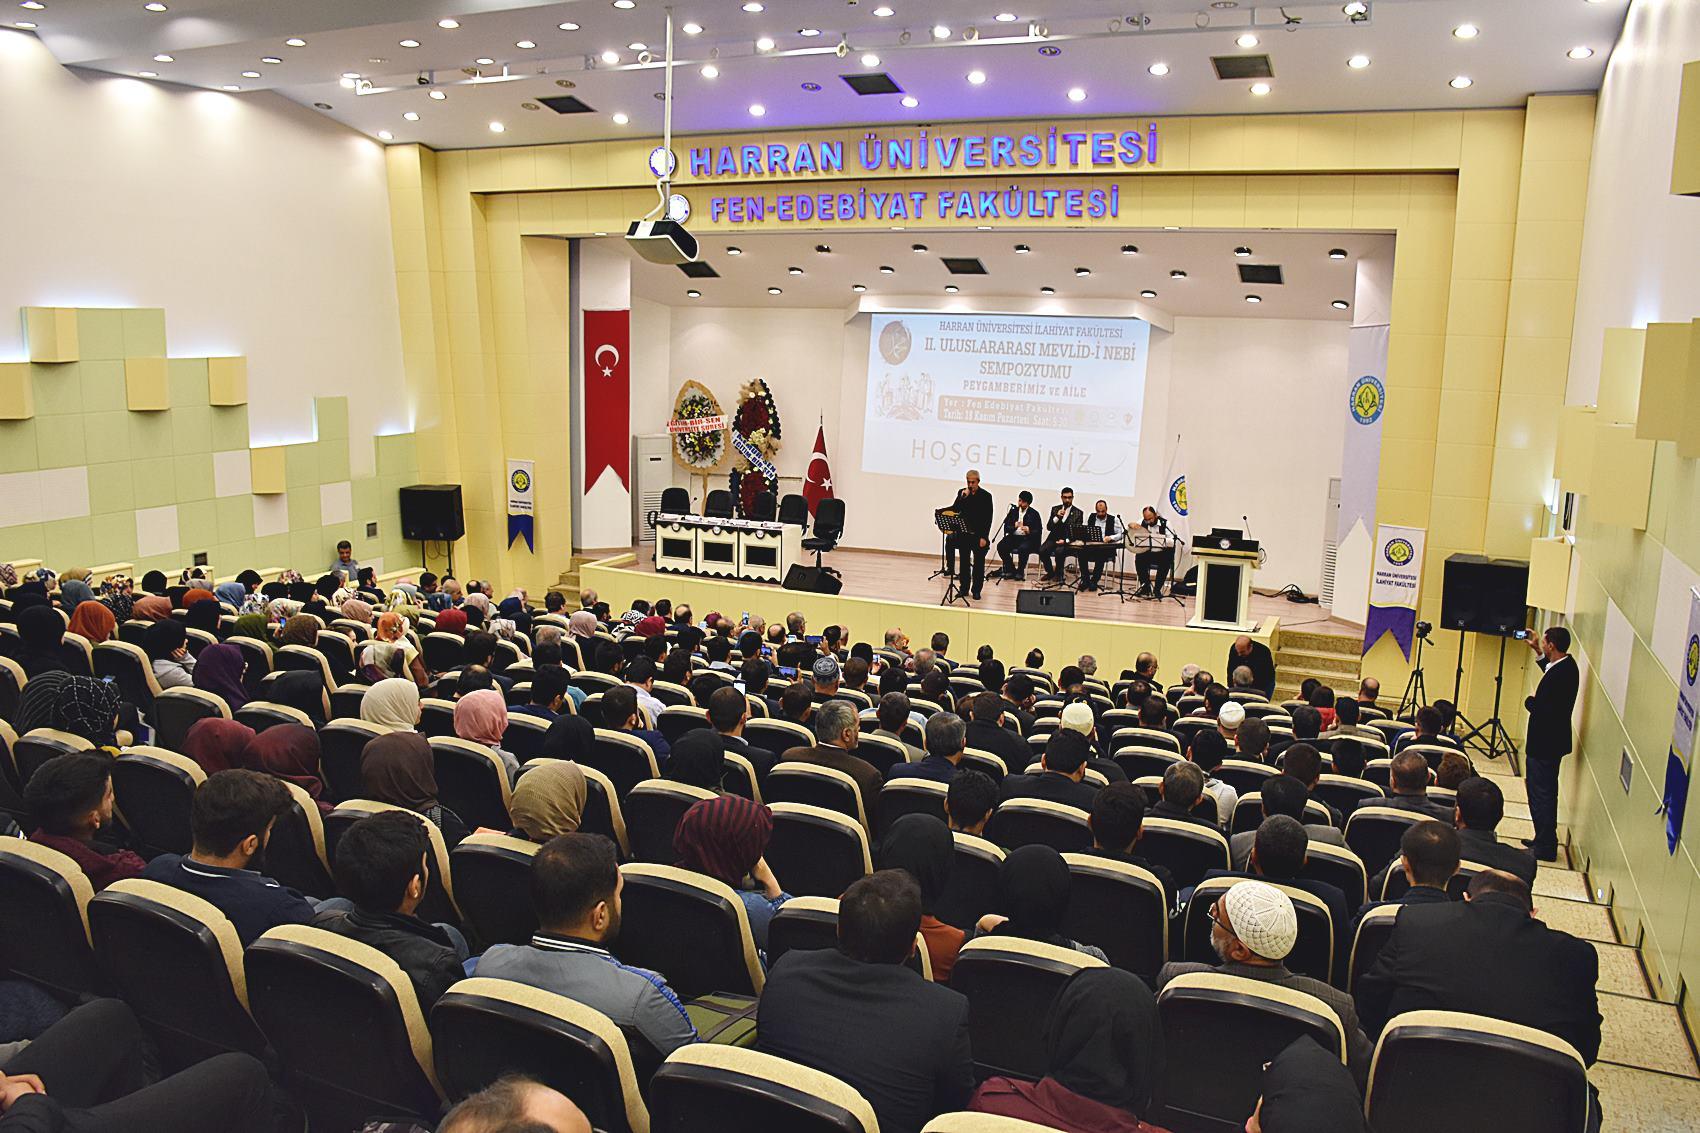 II. Uluslararası Mevlid-i Nebi Sempozyumu Harran Üniversitesi'nde